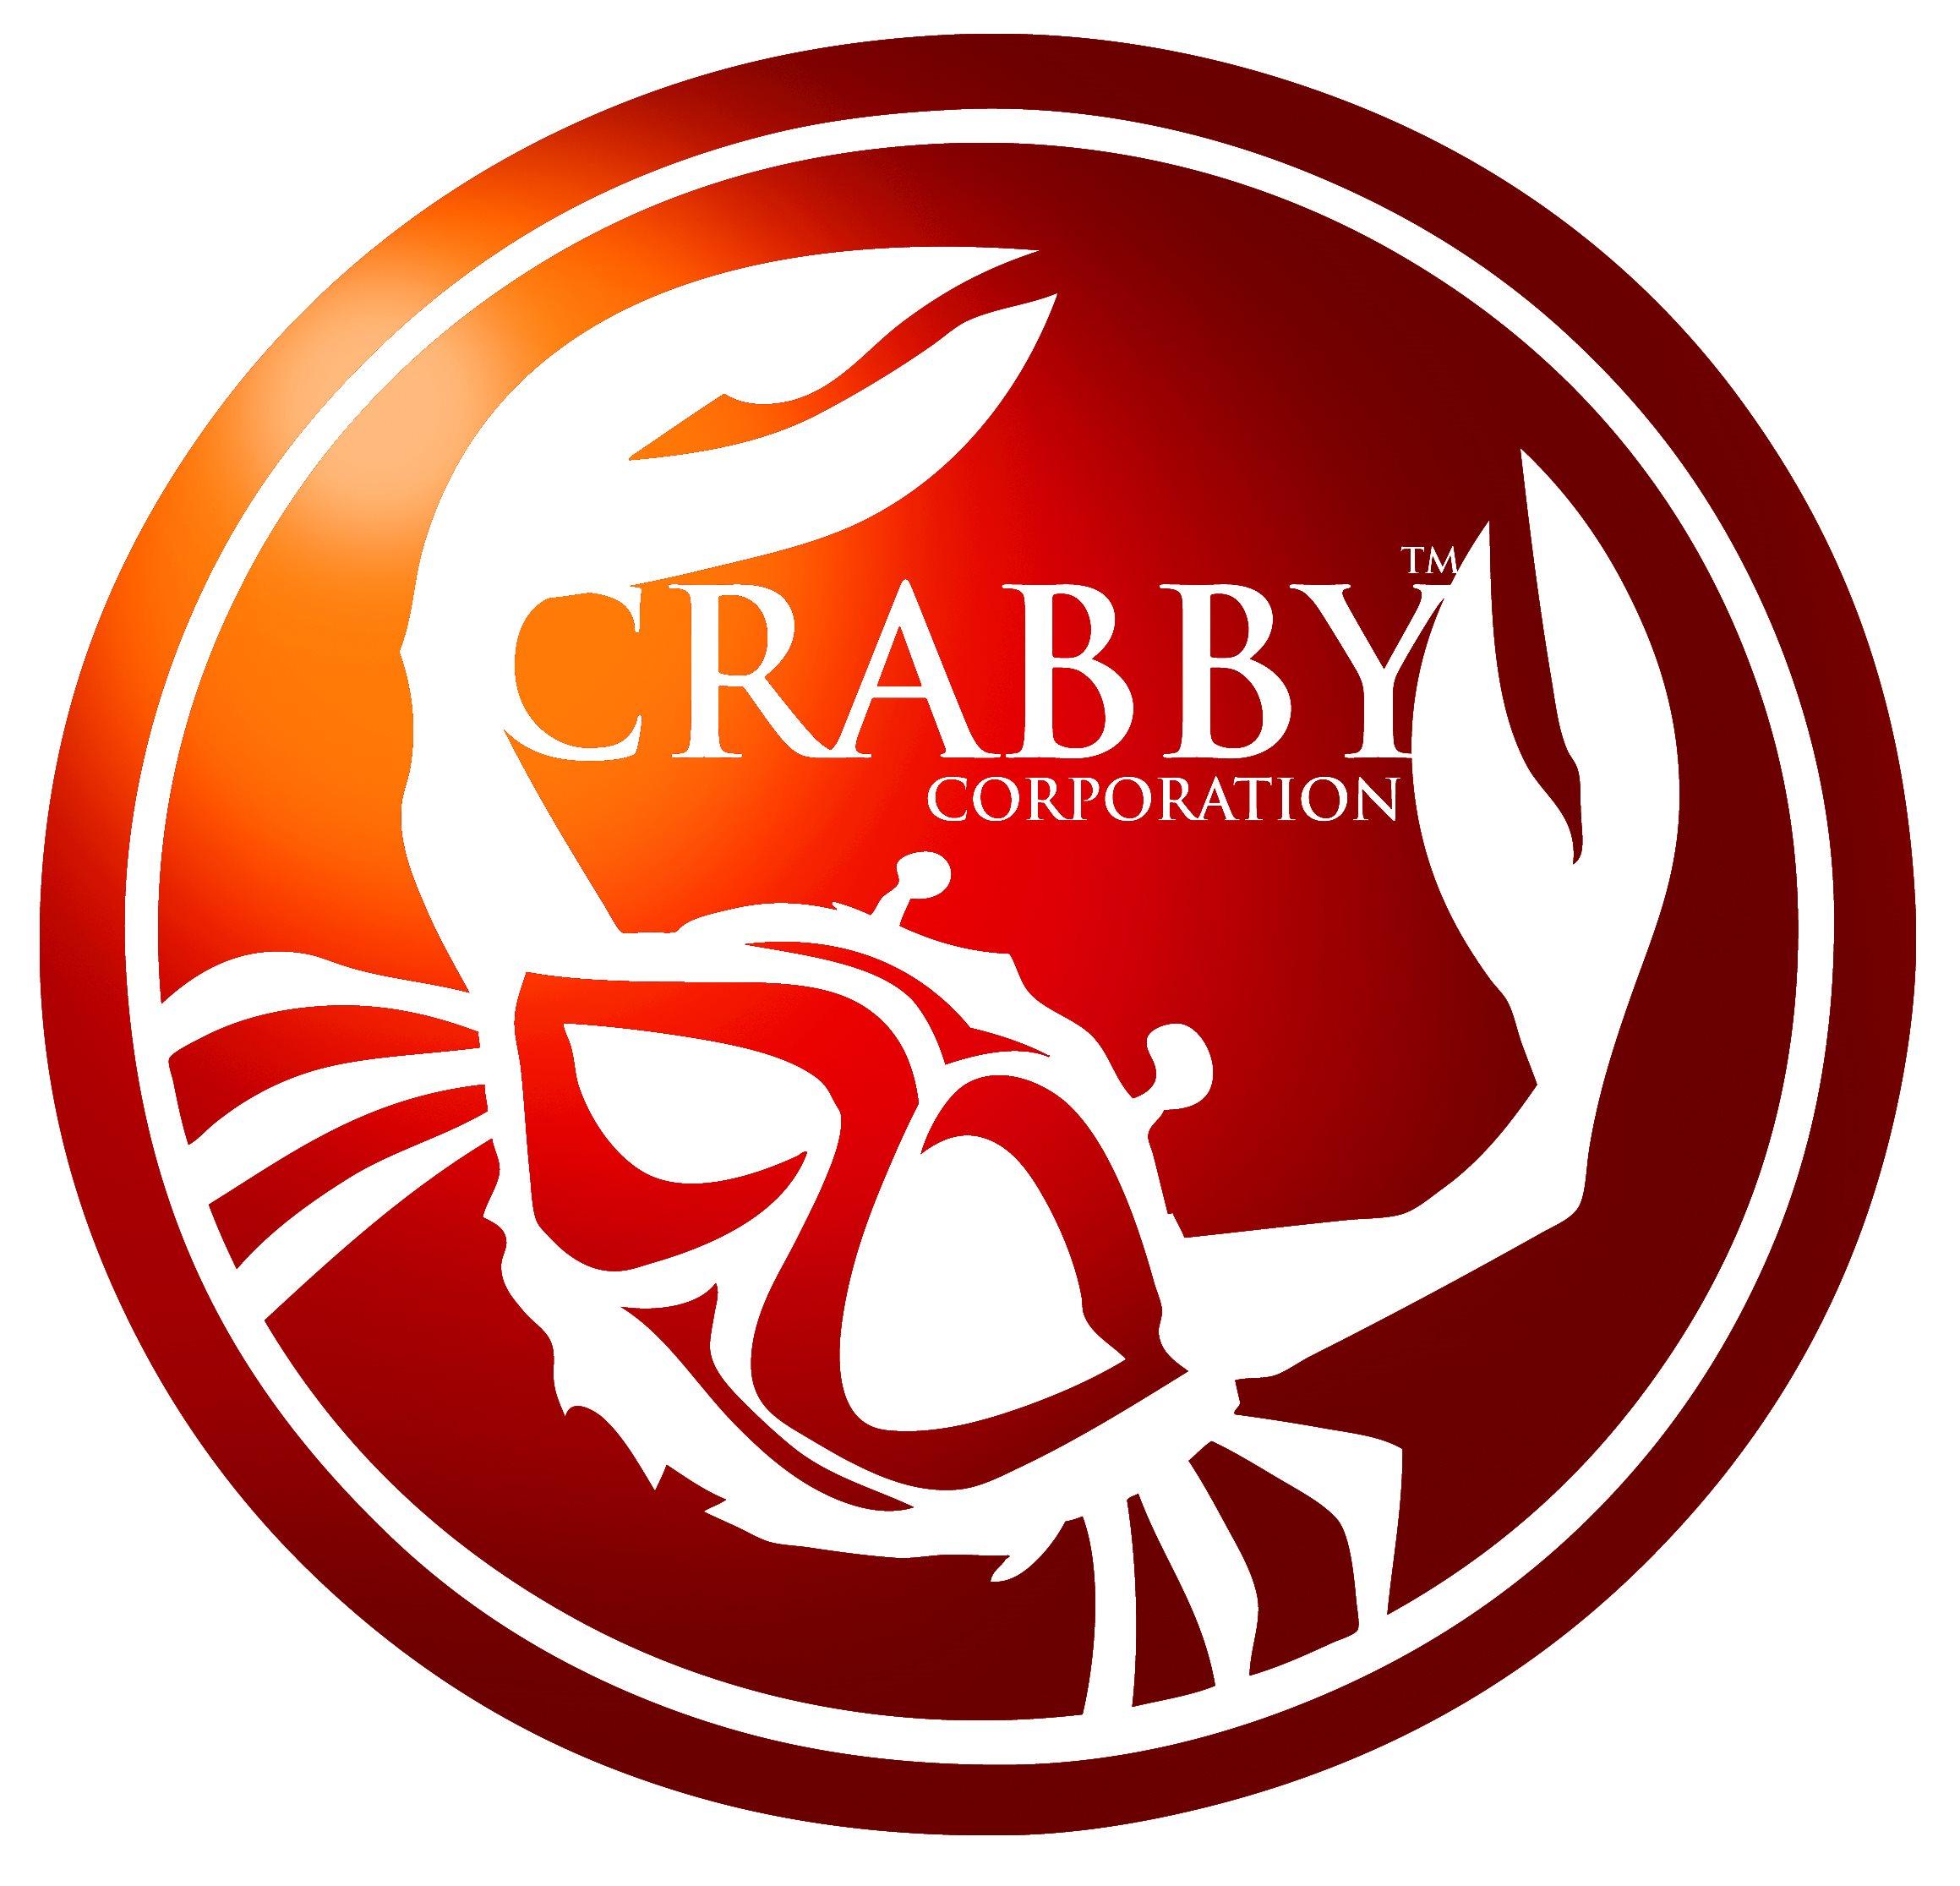 Crabby Corp